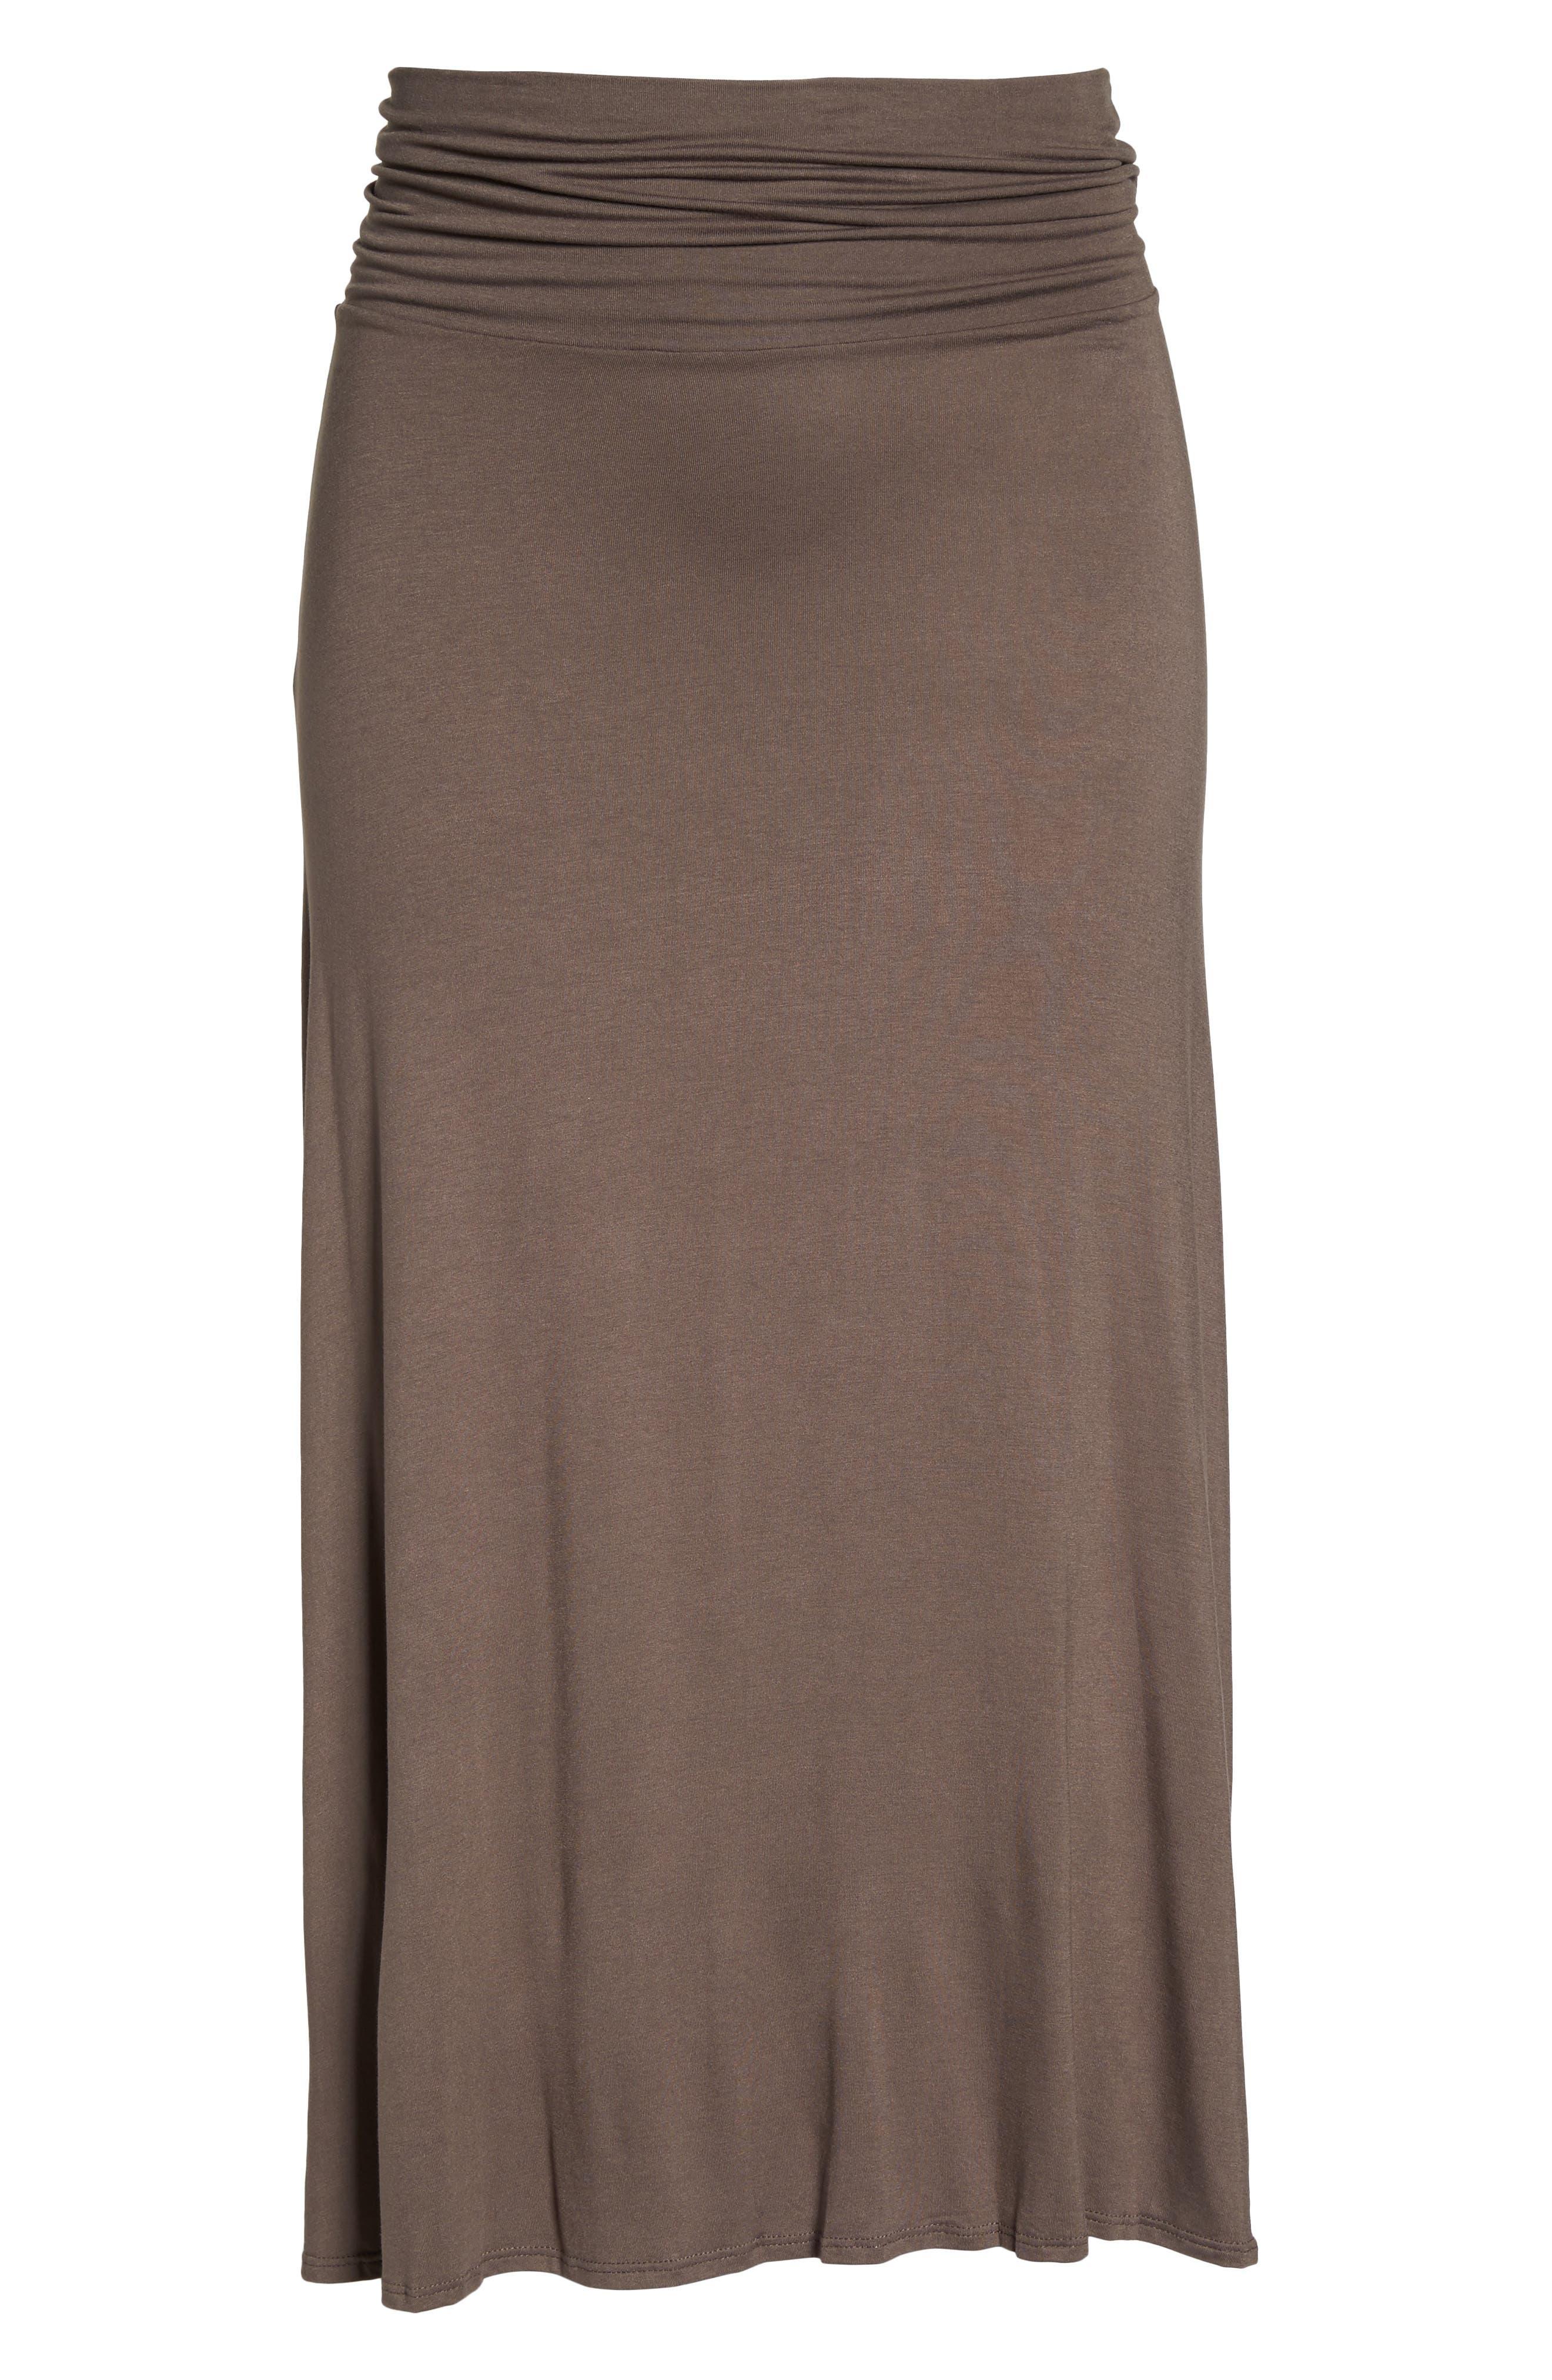 Foldover Knit Skirt,                             Alternate thumbnail 6, color,                             Mocha